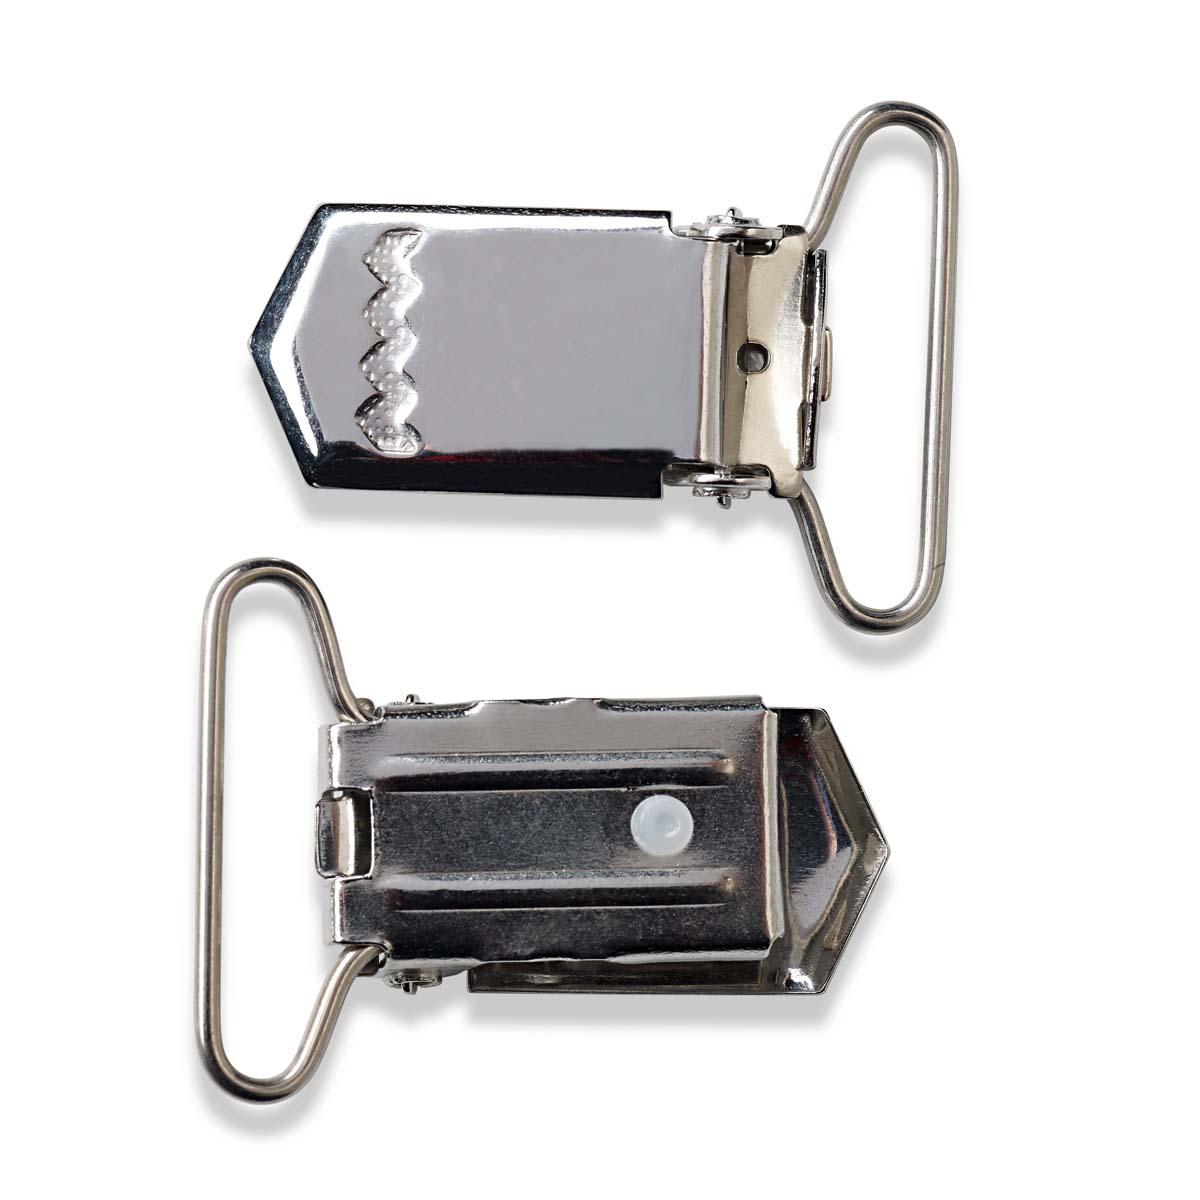 405220 Клипса для подтяжек для штанов, сталь, серебристый, 18 мм, упак./2 шт., Prym